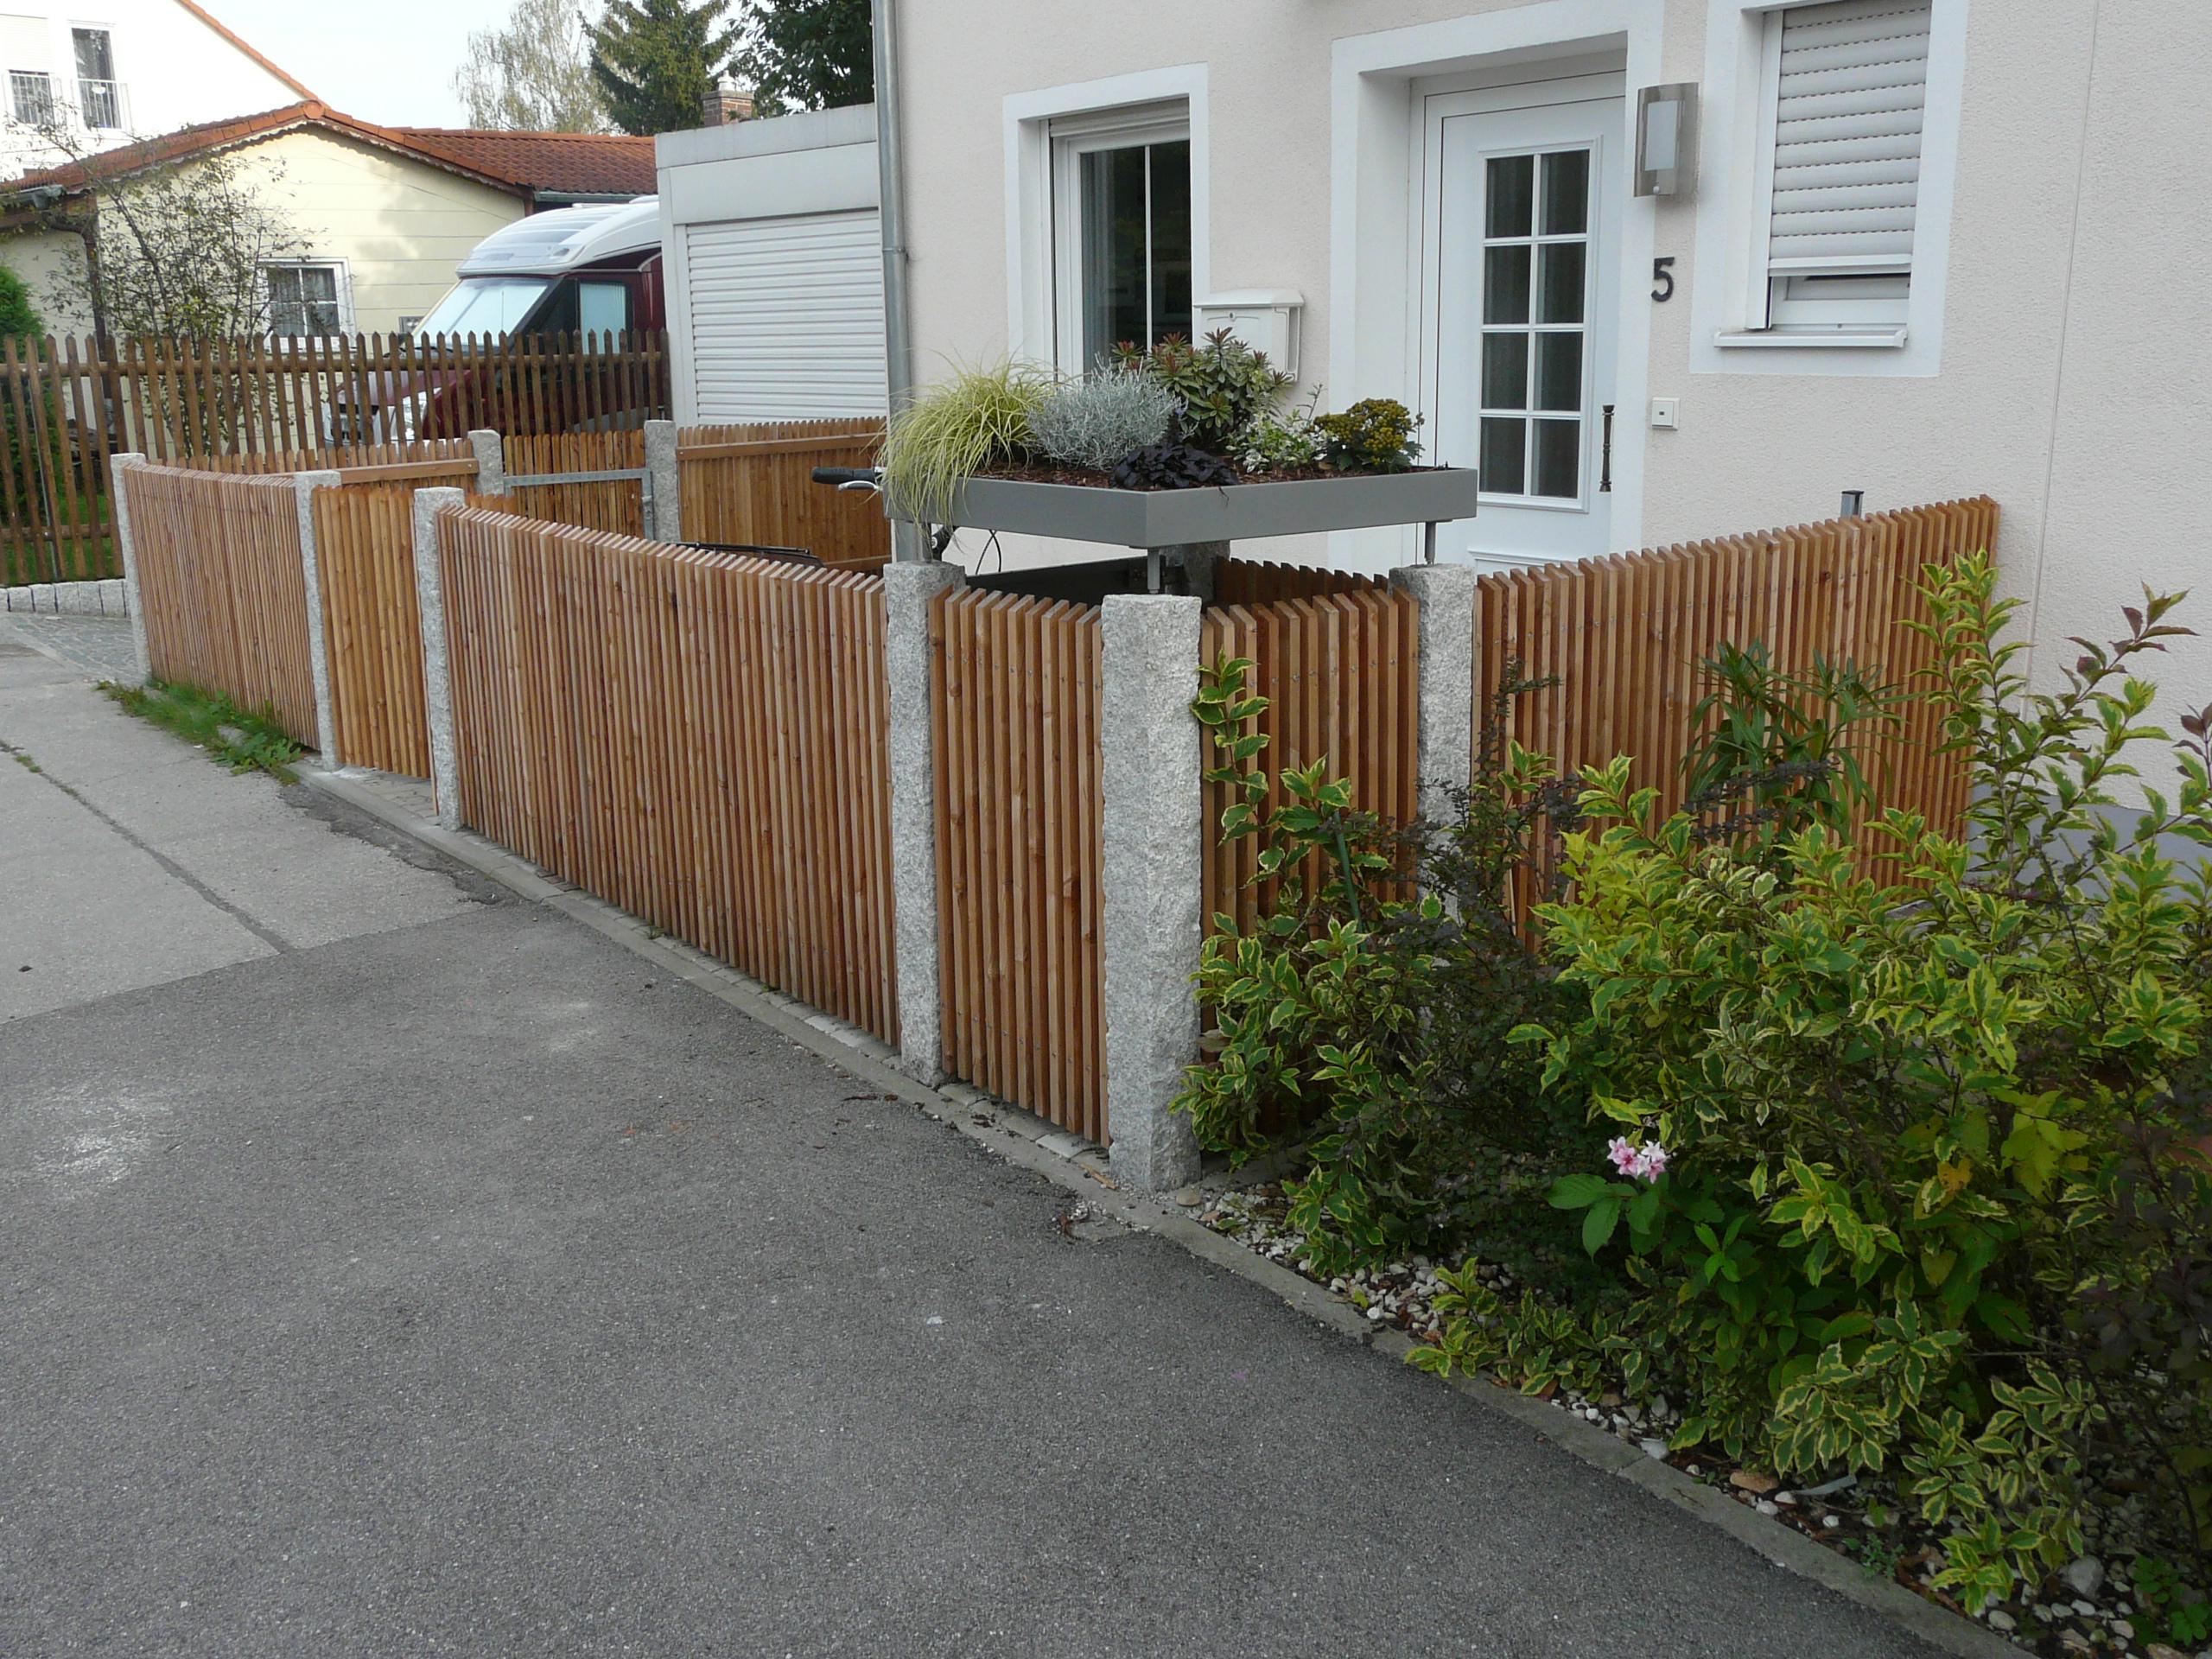 Granitpfosten und Lärchenlatten (1)